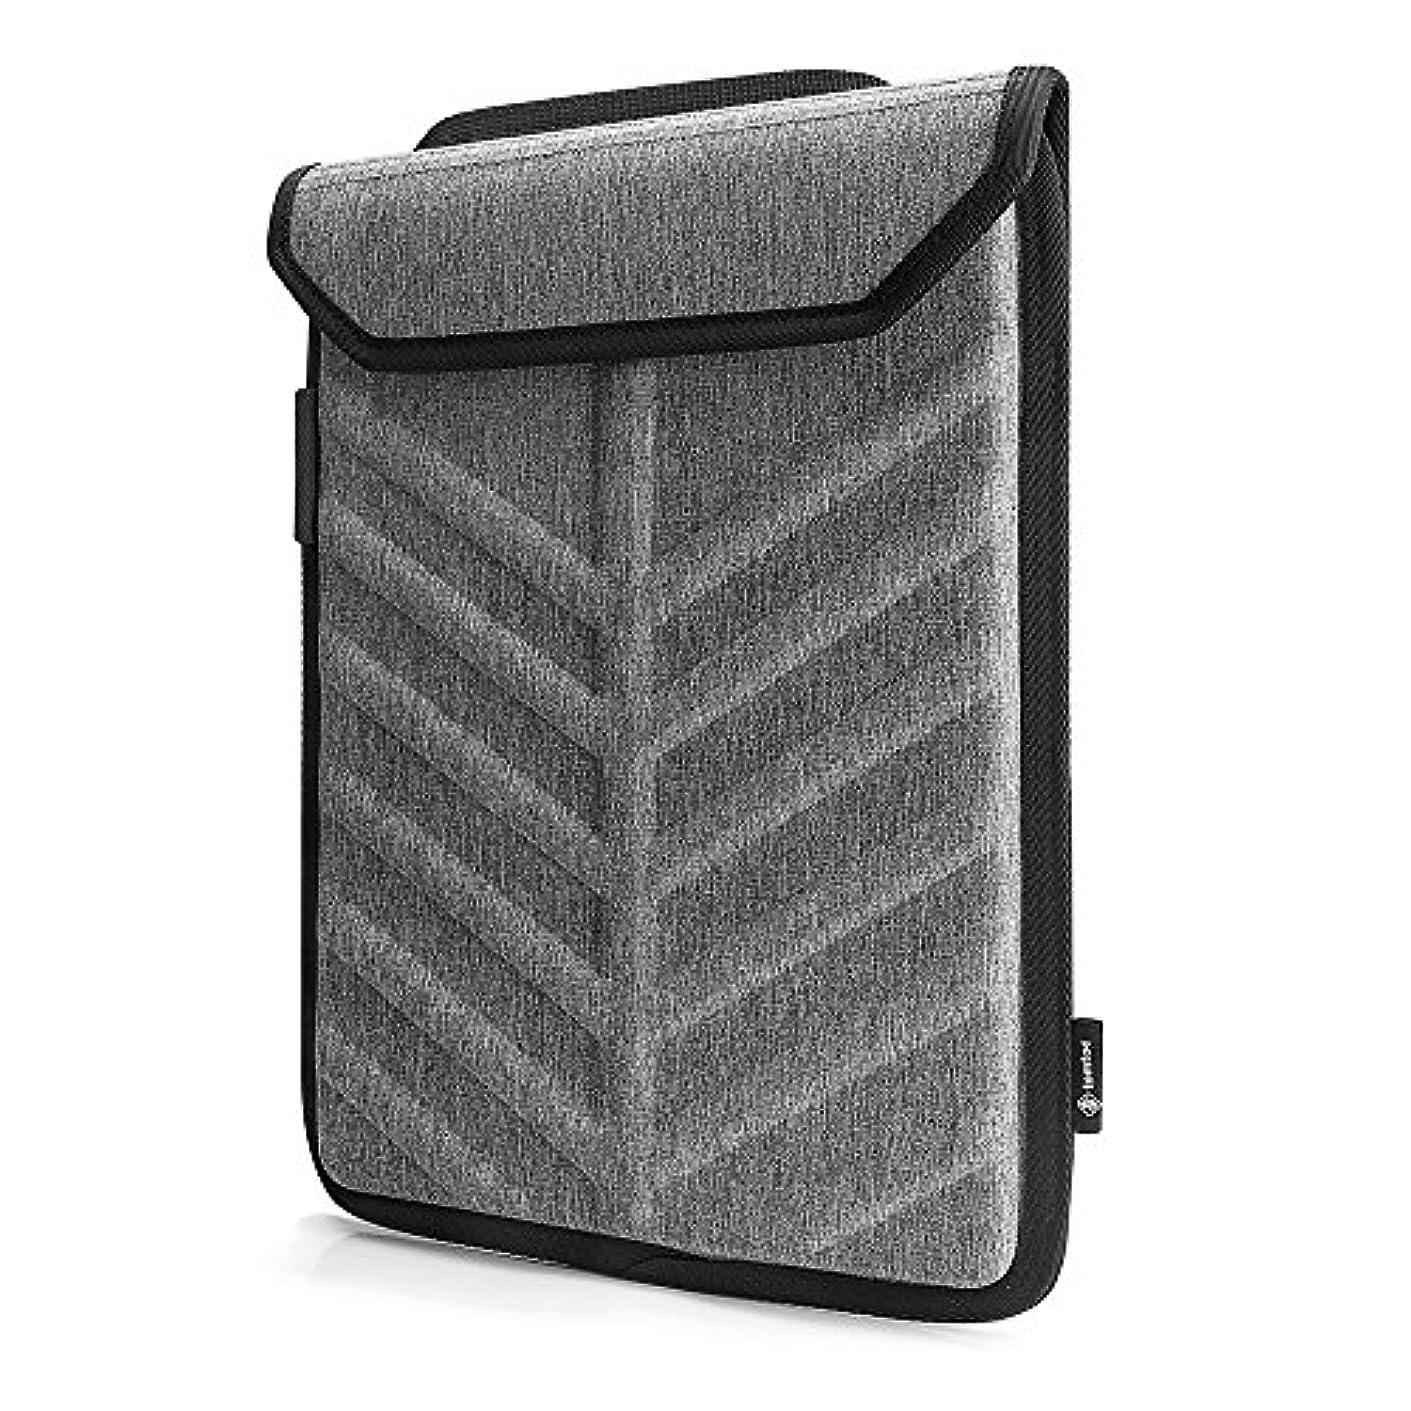 意外君主制静脈tomtoc ハードシェル ラップトップスリーブ 13.3インチ 旧型 MacBook Air | 13インチ MacBook Pro Retina 2012-2015 | 13.5インチ Surface Laptop | 12.9インチ iPad Pro 対応、ノートパソコン ハード 保護ケース カバー スリム インナーケース、撥水加工、グレー